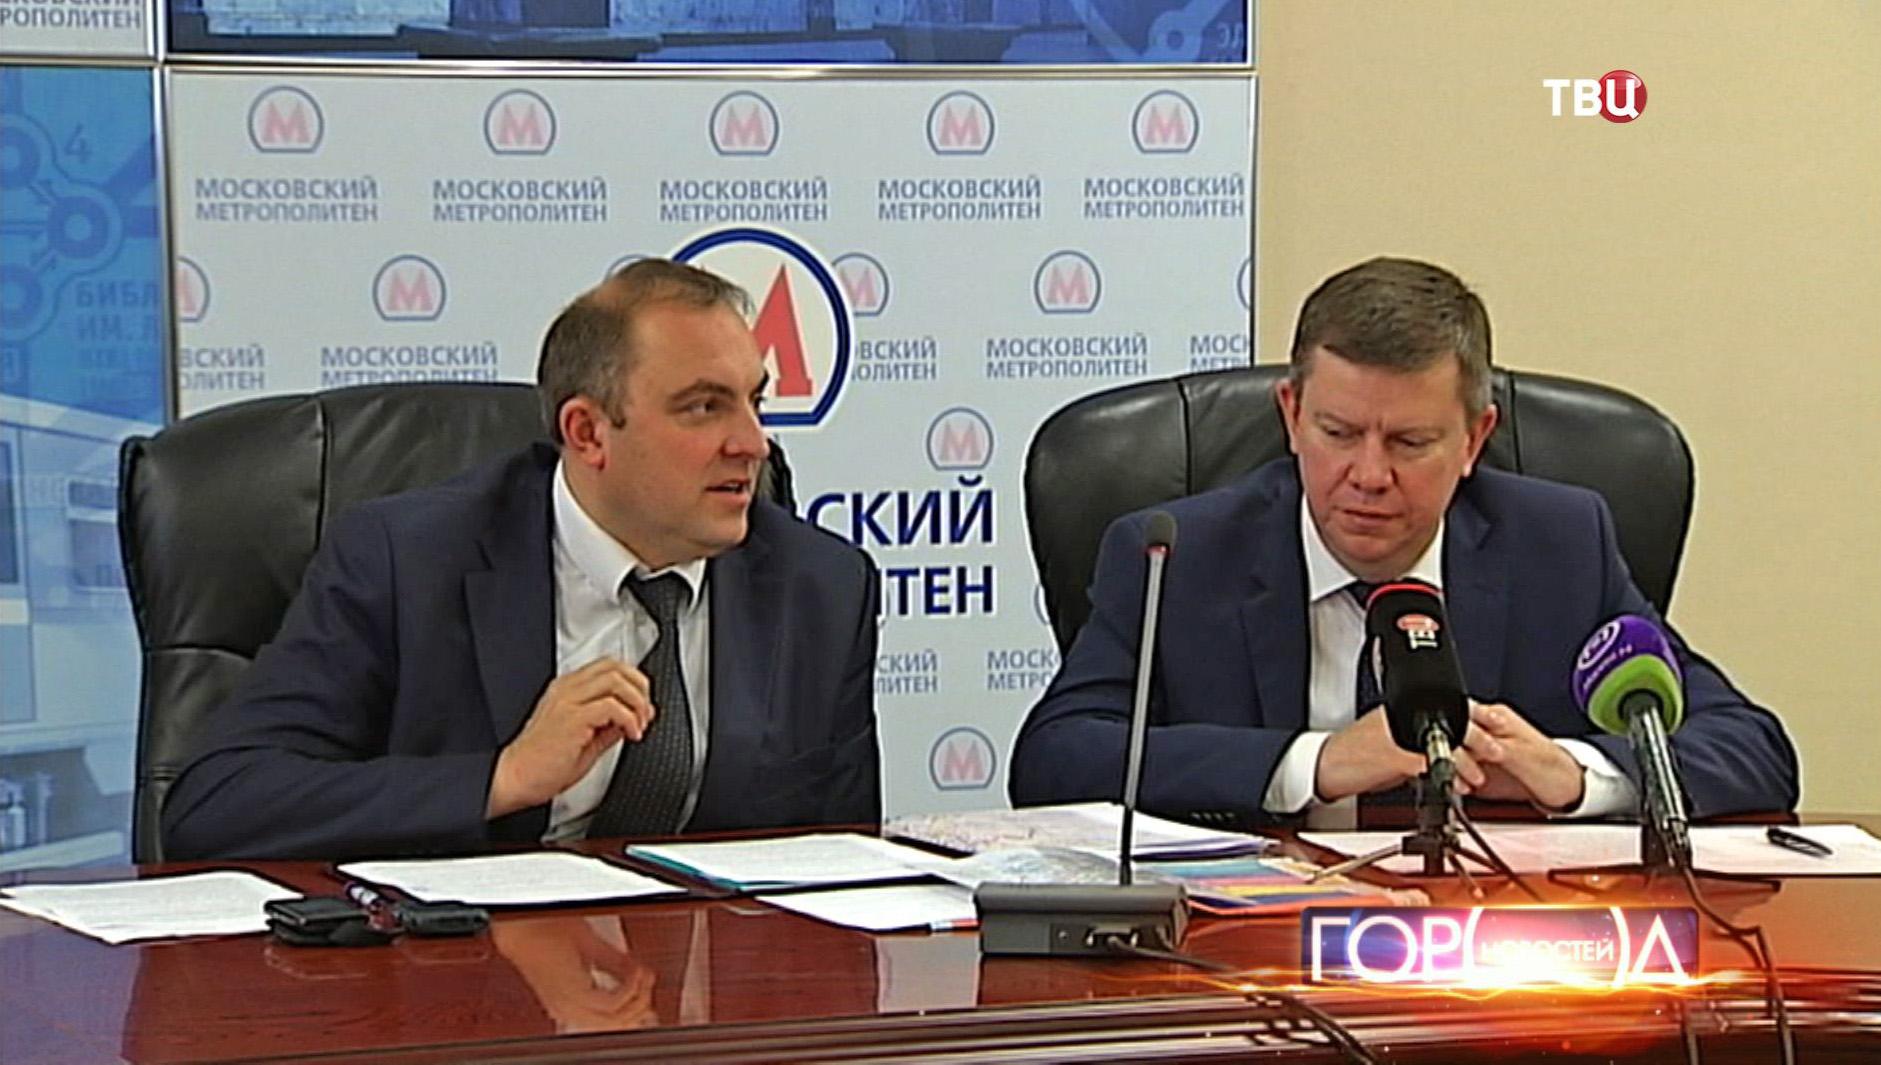 Начальник Московского метрополитена Дмитрий Пегов и его помошник